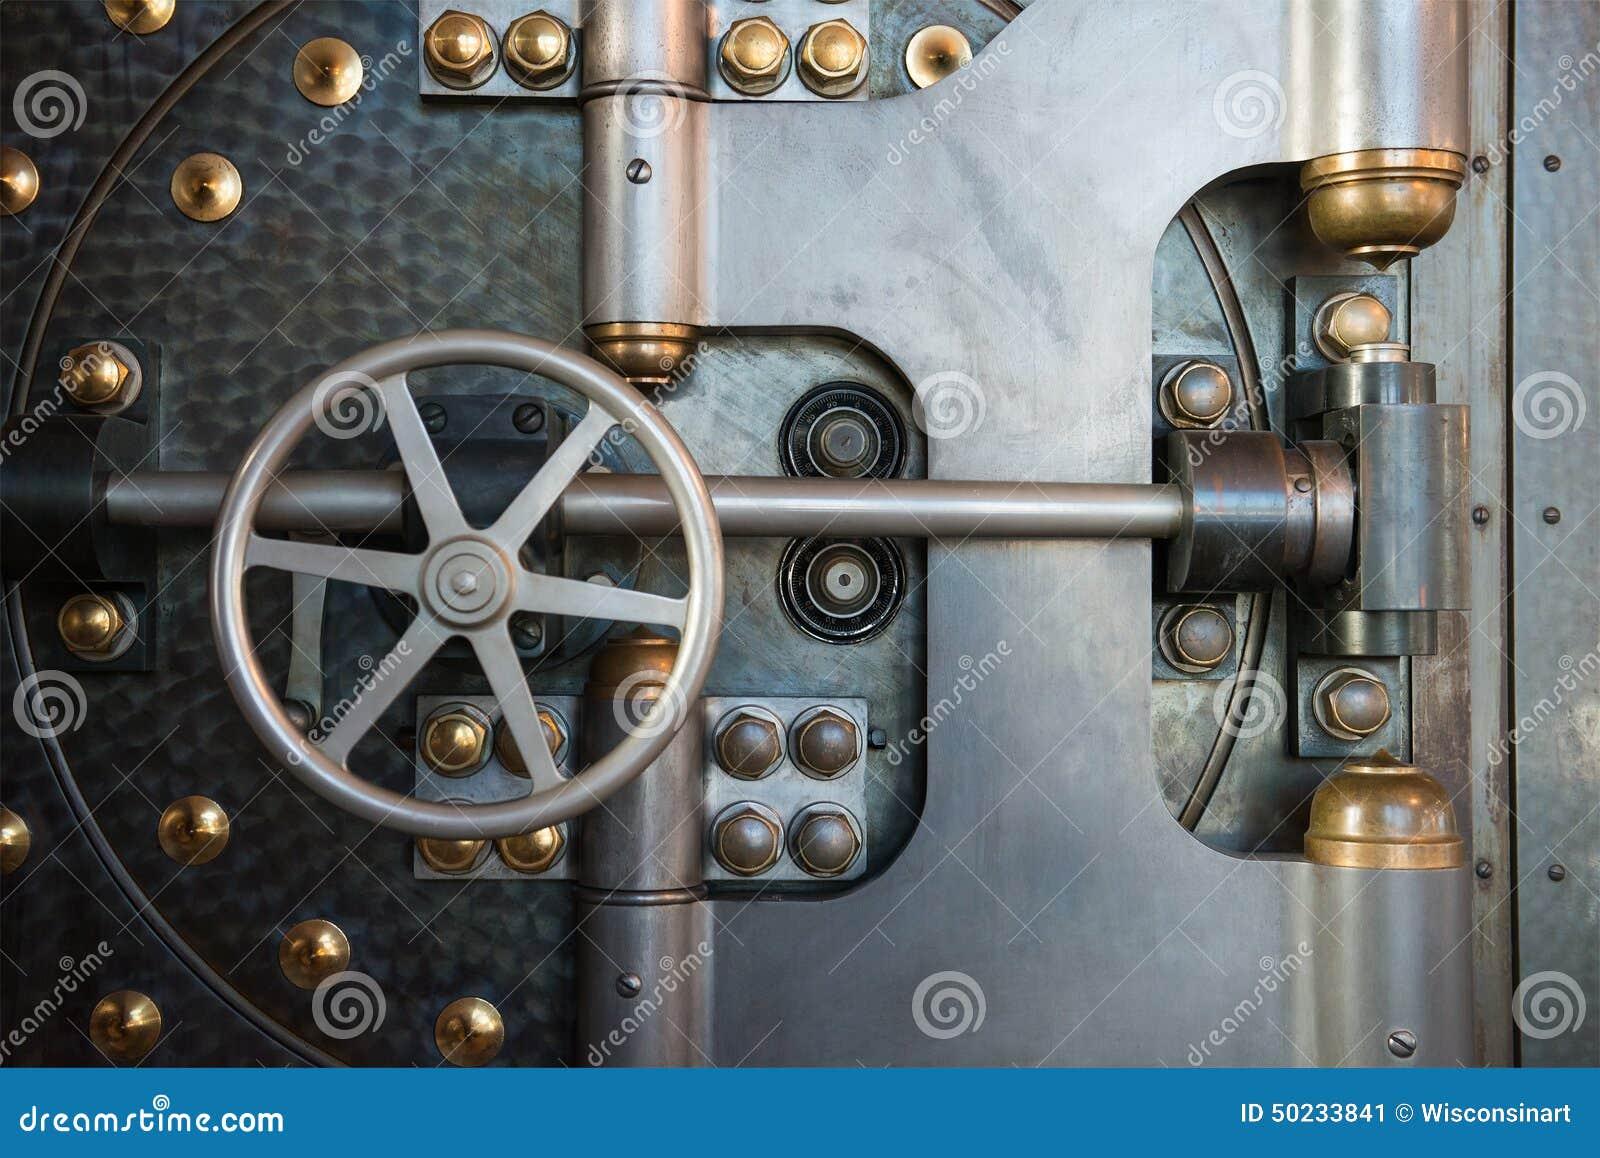 Εκλεκτής ποιότητας χρηματοκιβώτιο πορτών υπόγειων θαλάμων τράπεζας